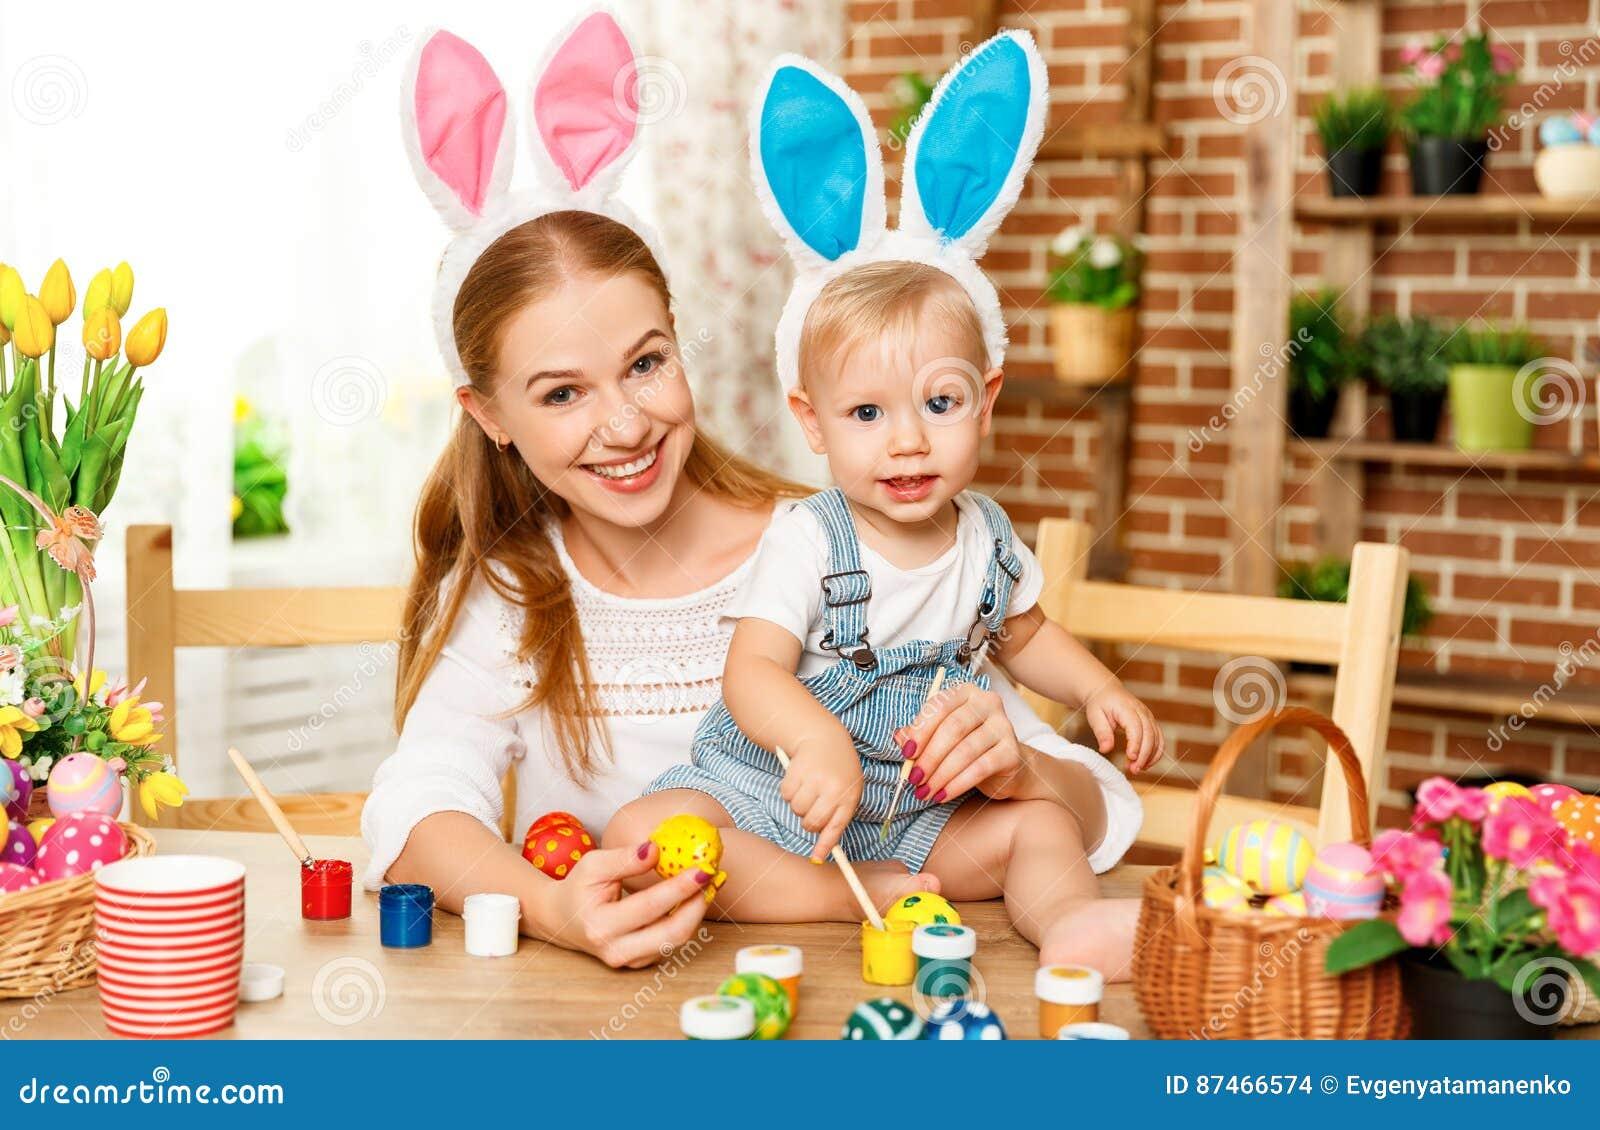 Joyeuses Pâques ! la mère de famille et le fils de bébé peignent des oeufs pour des vacances